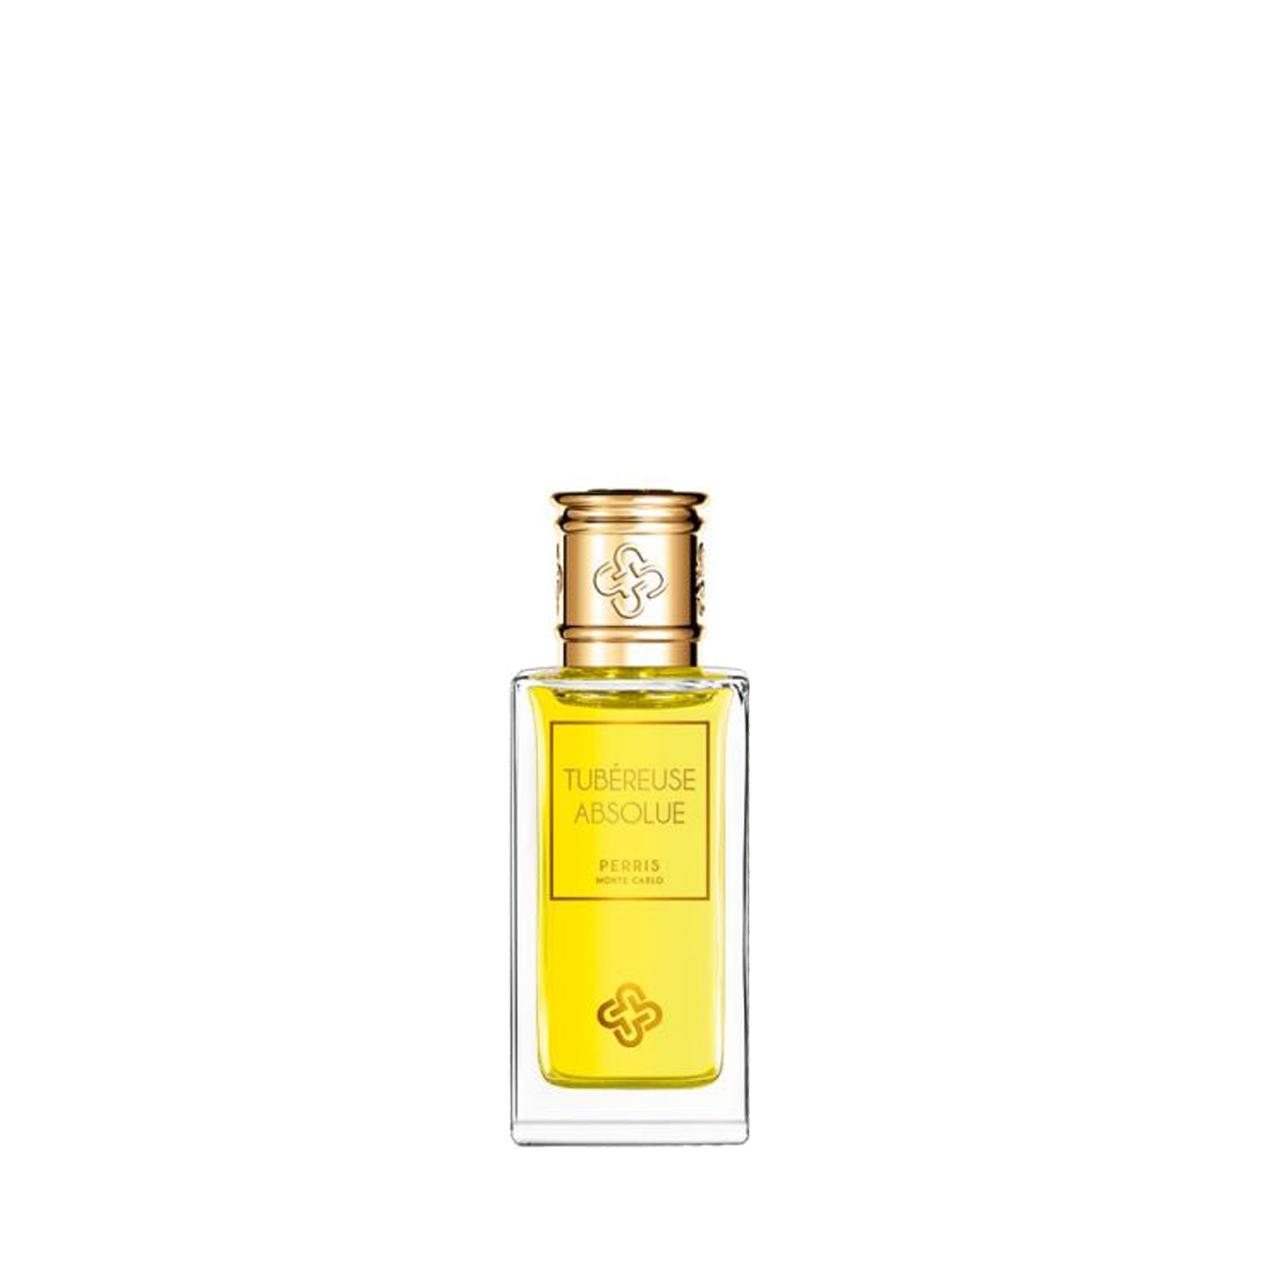 Tubereuse Absolue - Extrait de Parfum